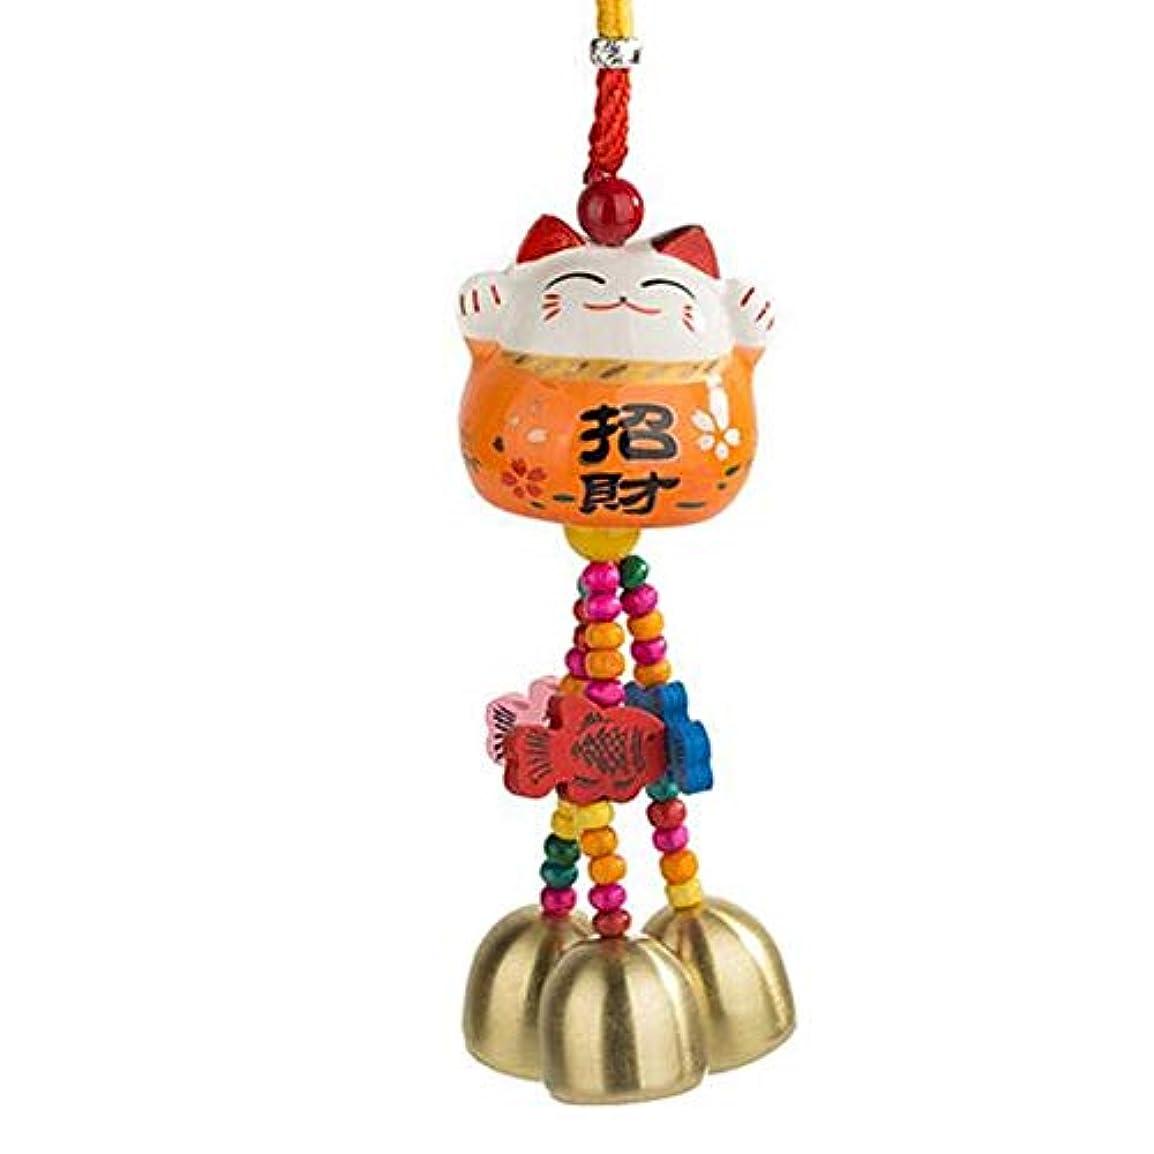 曲線訪問不完全なGaoxingbianlidian001 風チャイム、かわいいクリエイティブセラミック猫風の鐘、赤、長い28センチメートル,楽しいホリデーギフト (Color : Orange)